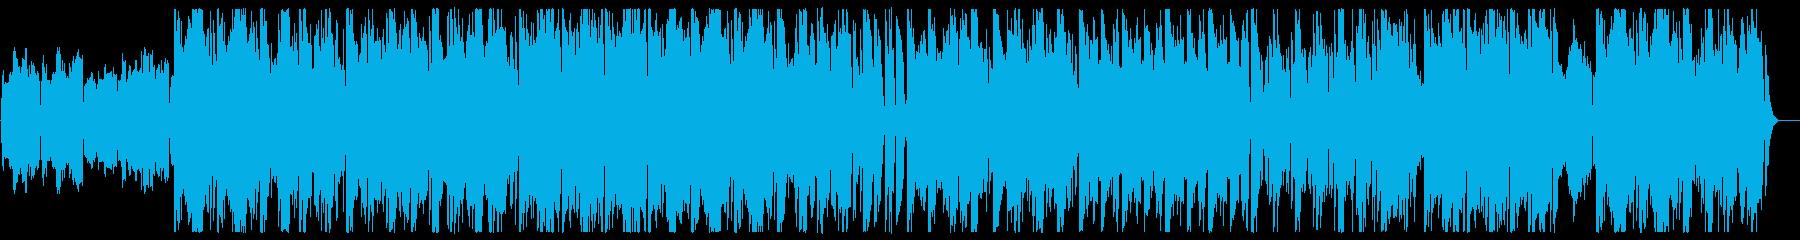 緩やかでメローなクラシカルワルツ風BGMの再生済みの波形